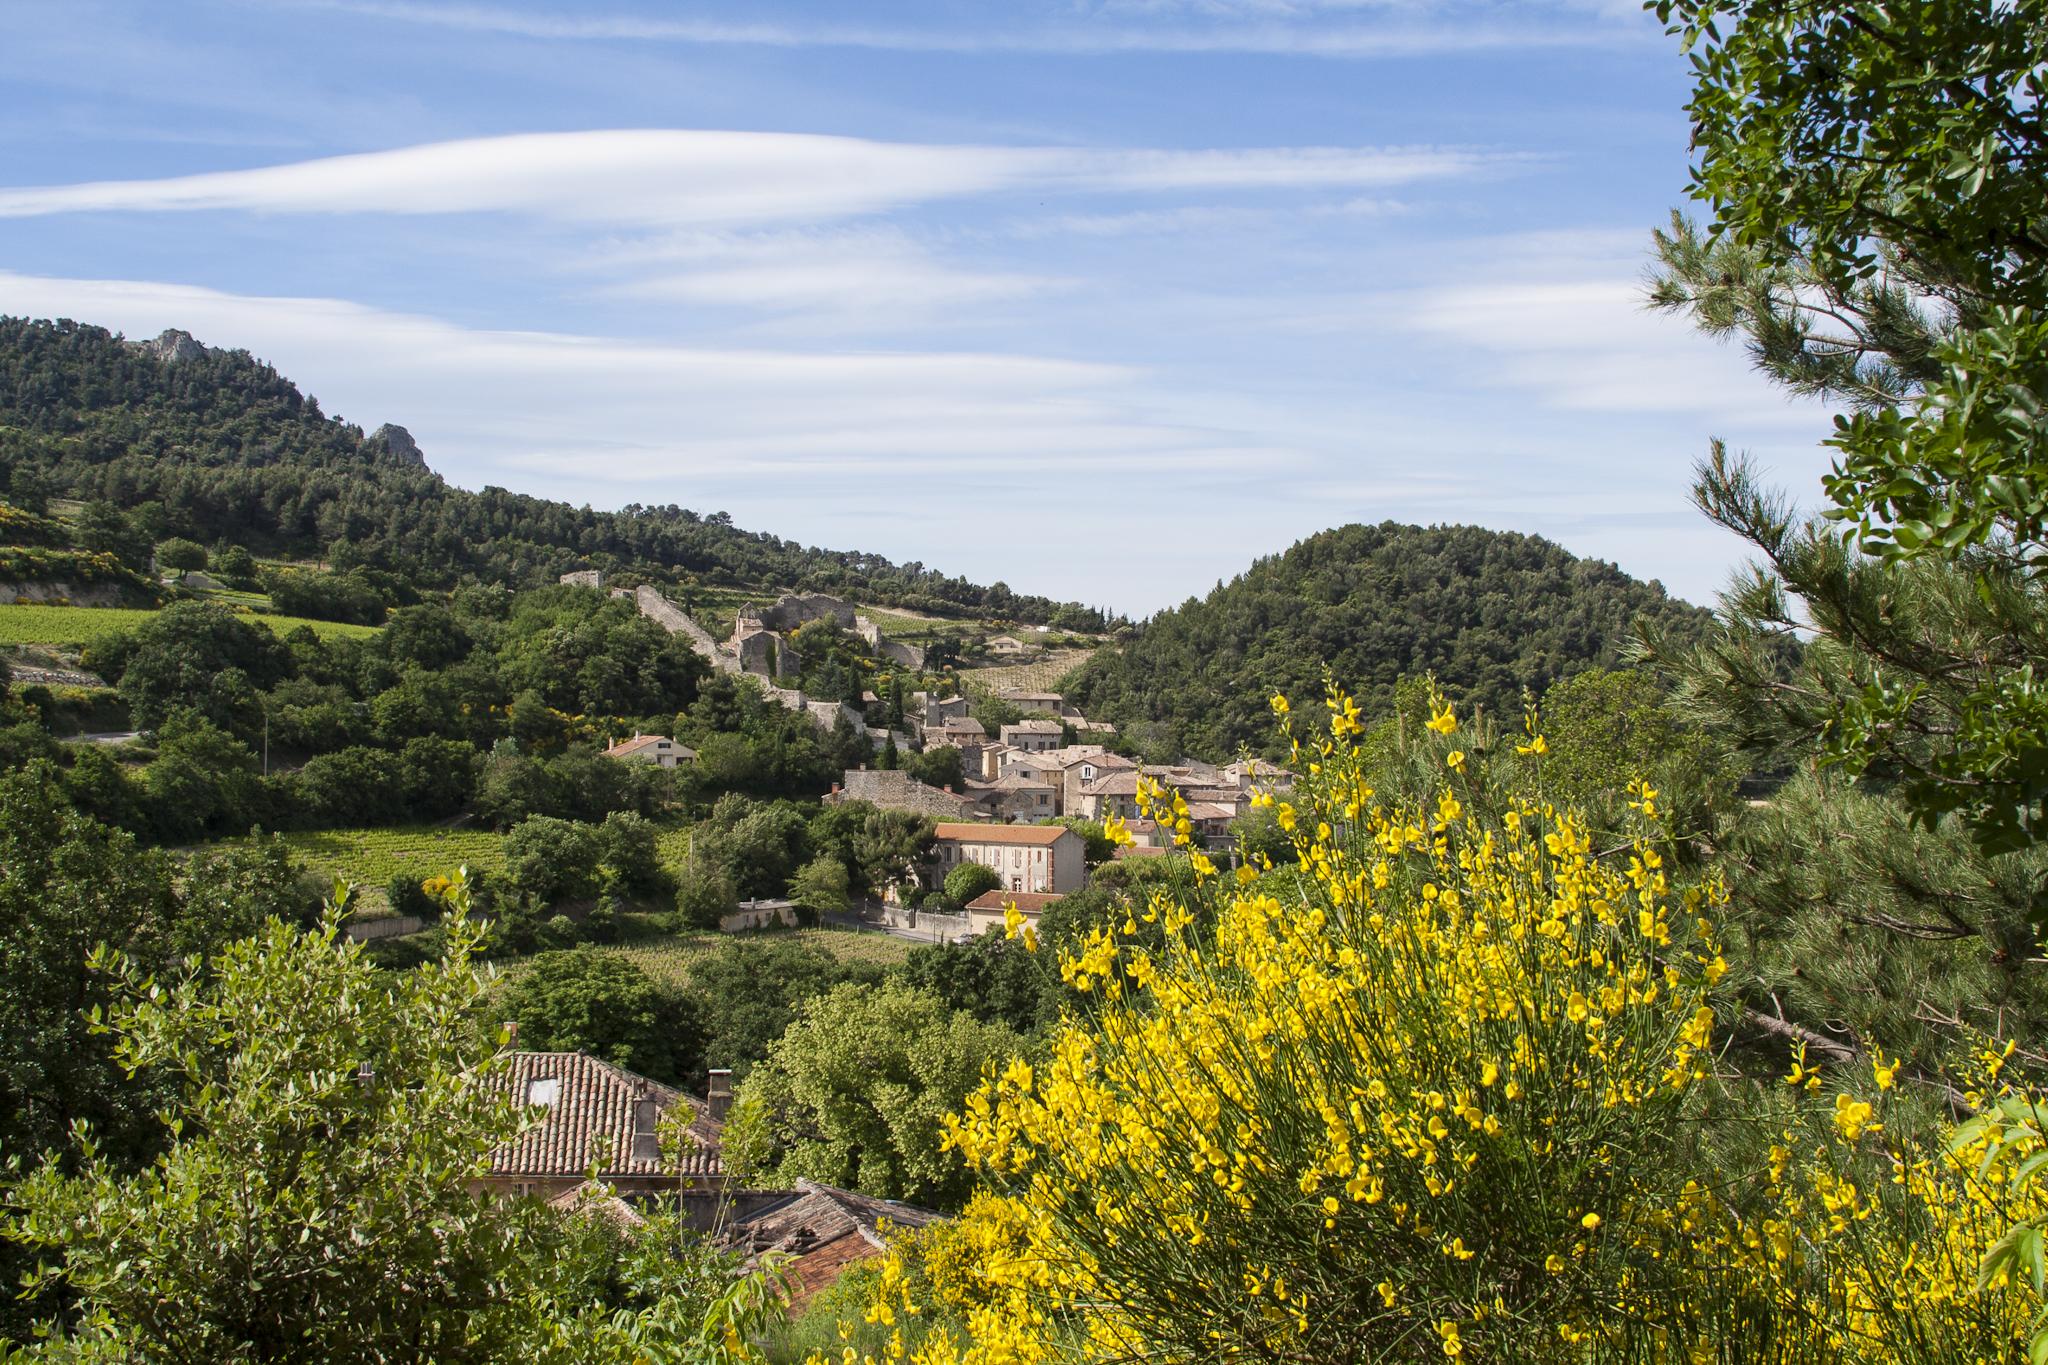 Gigondas in the Rhône Valley (Photo (c) Lyn Farmer)